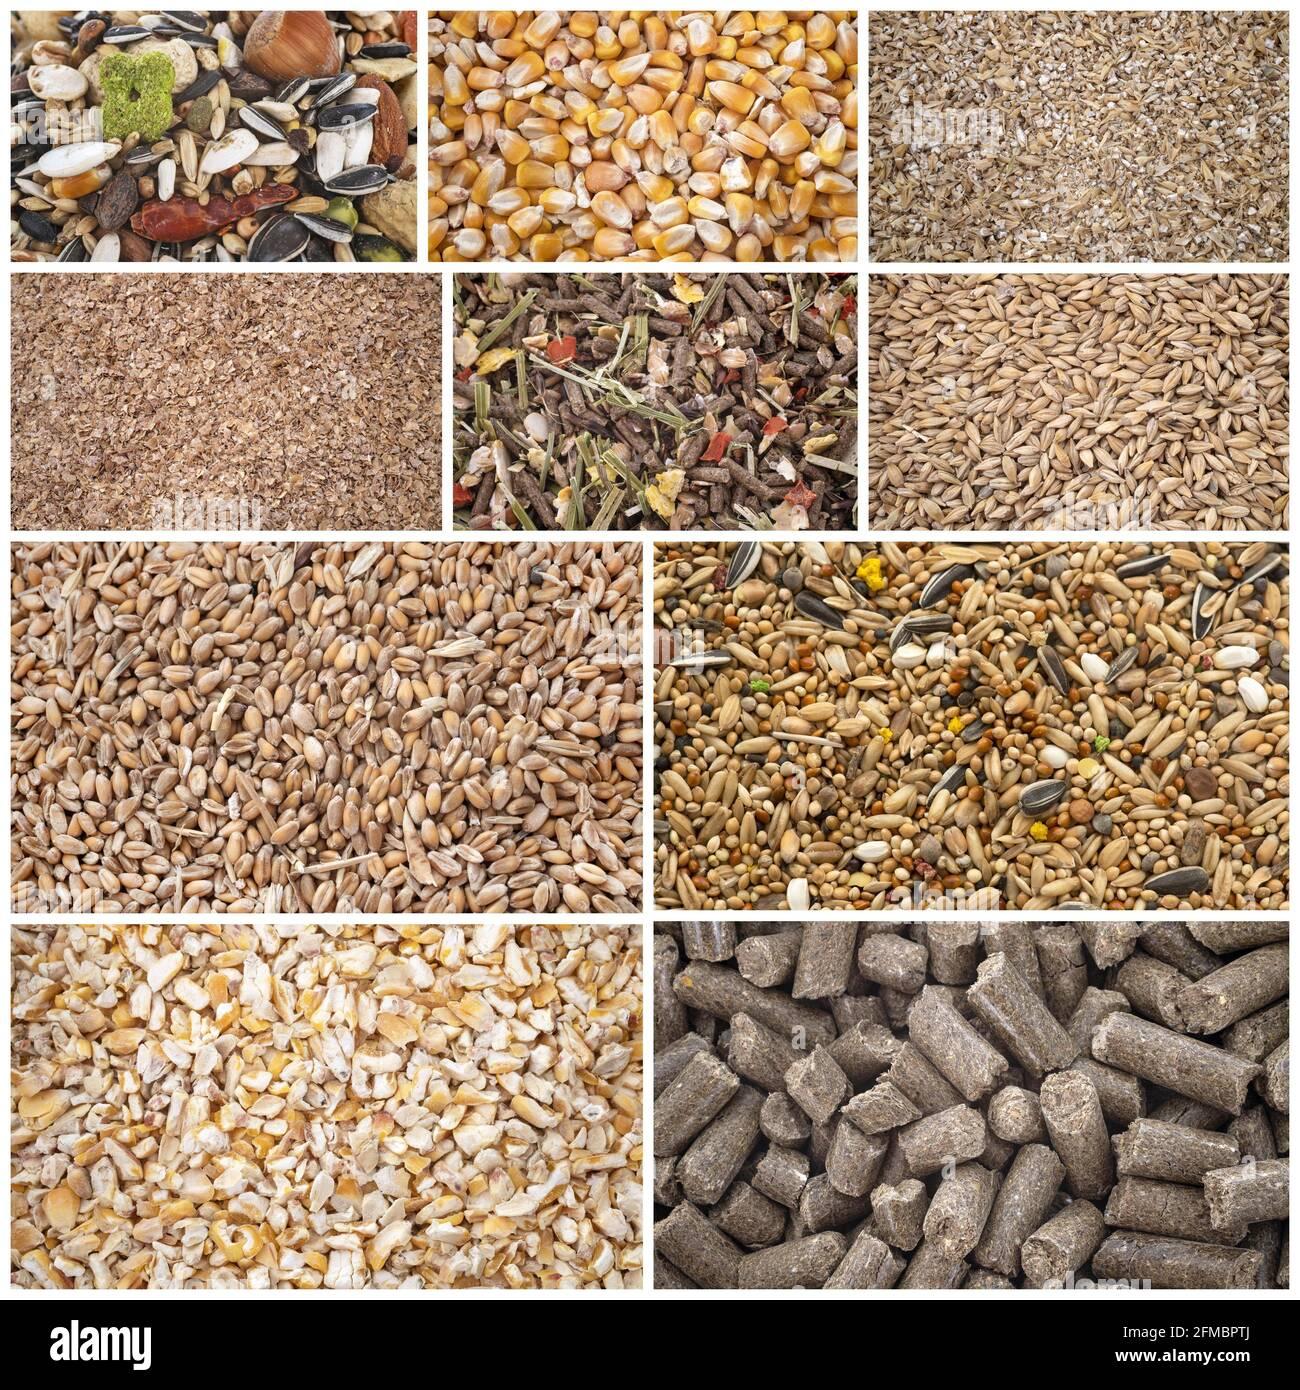 immagine composita di cereali per alimenti animali Foto Stock